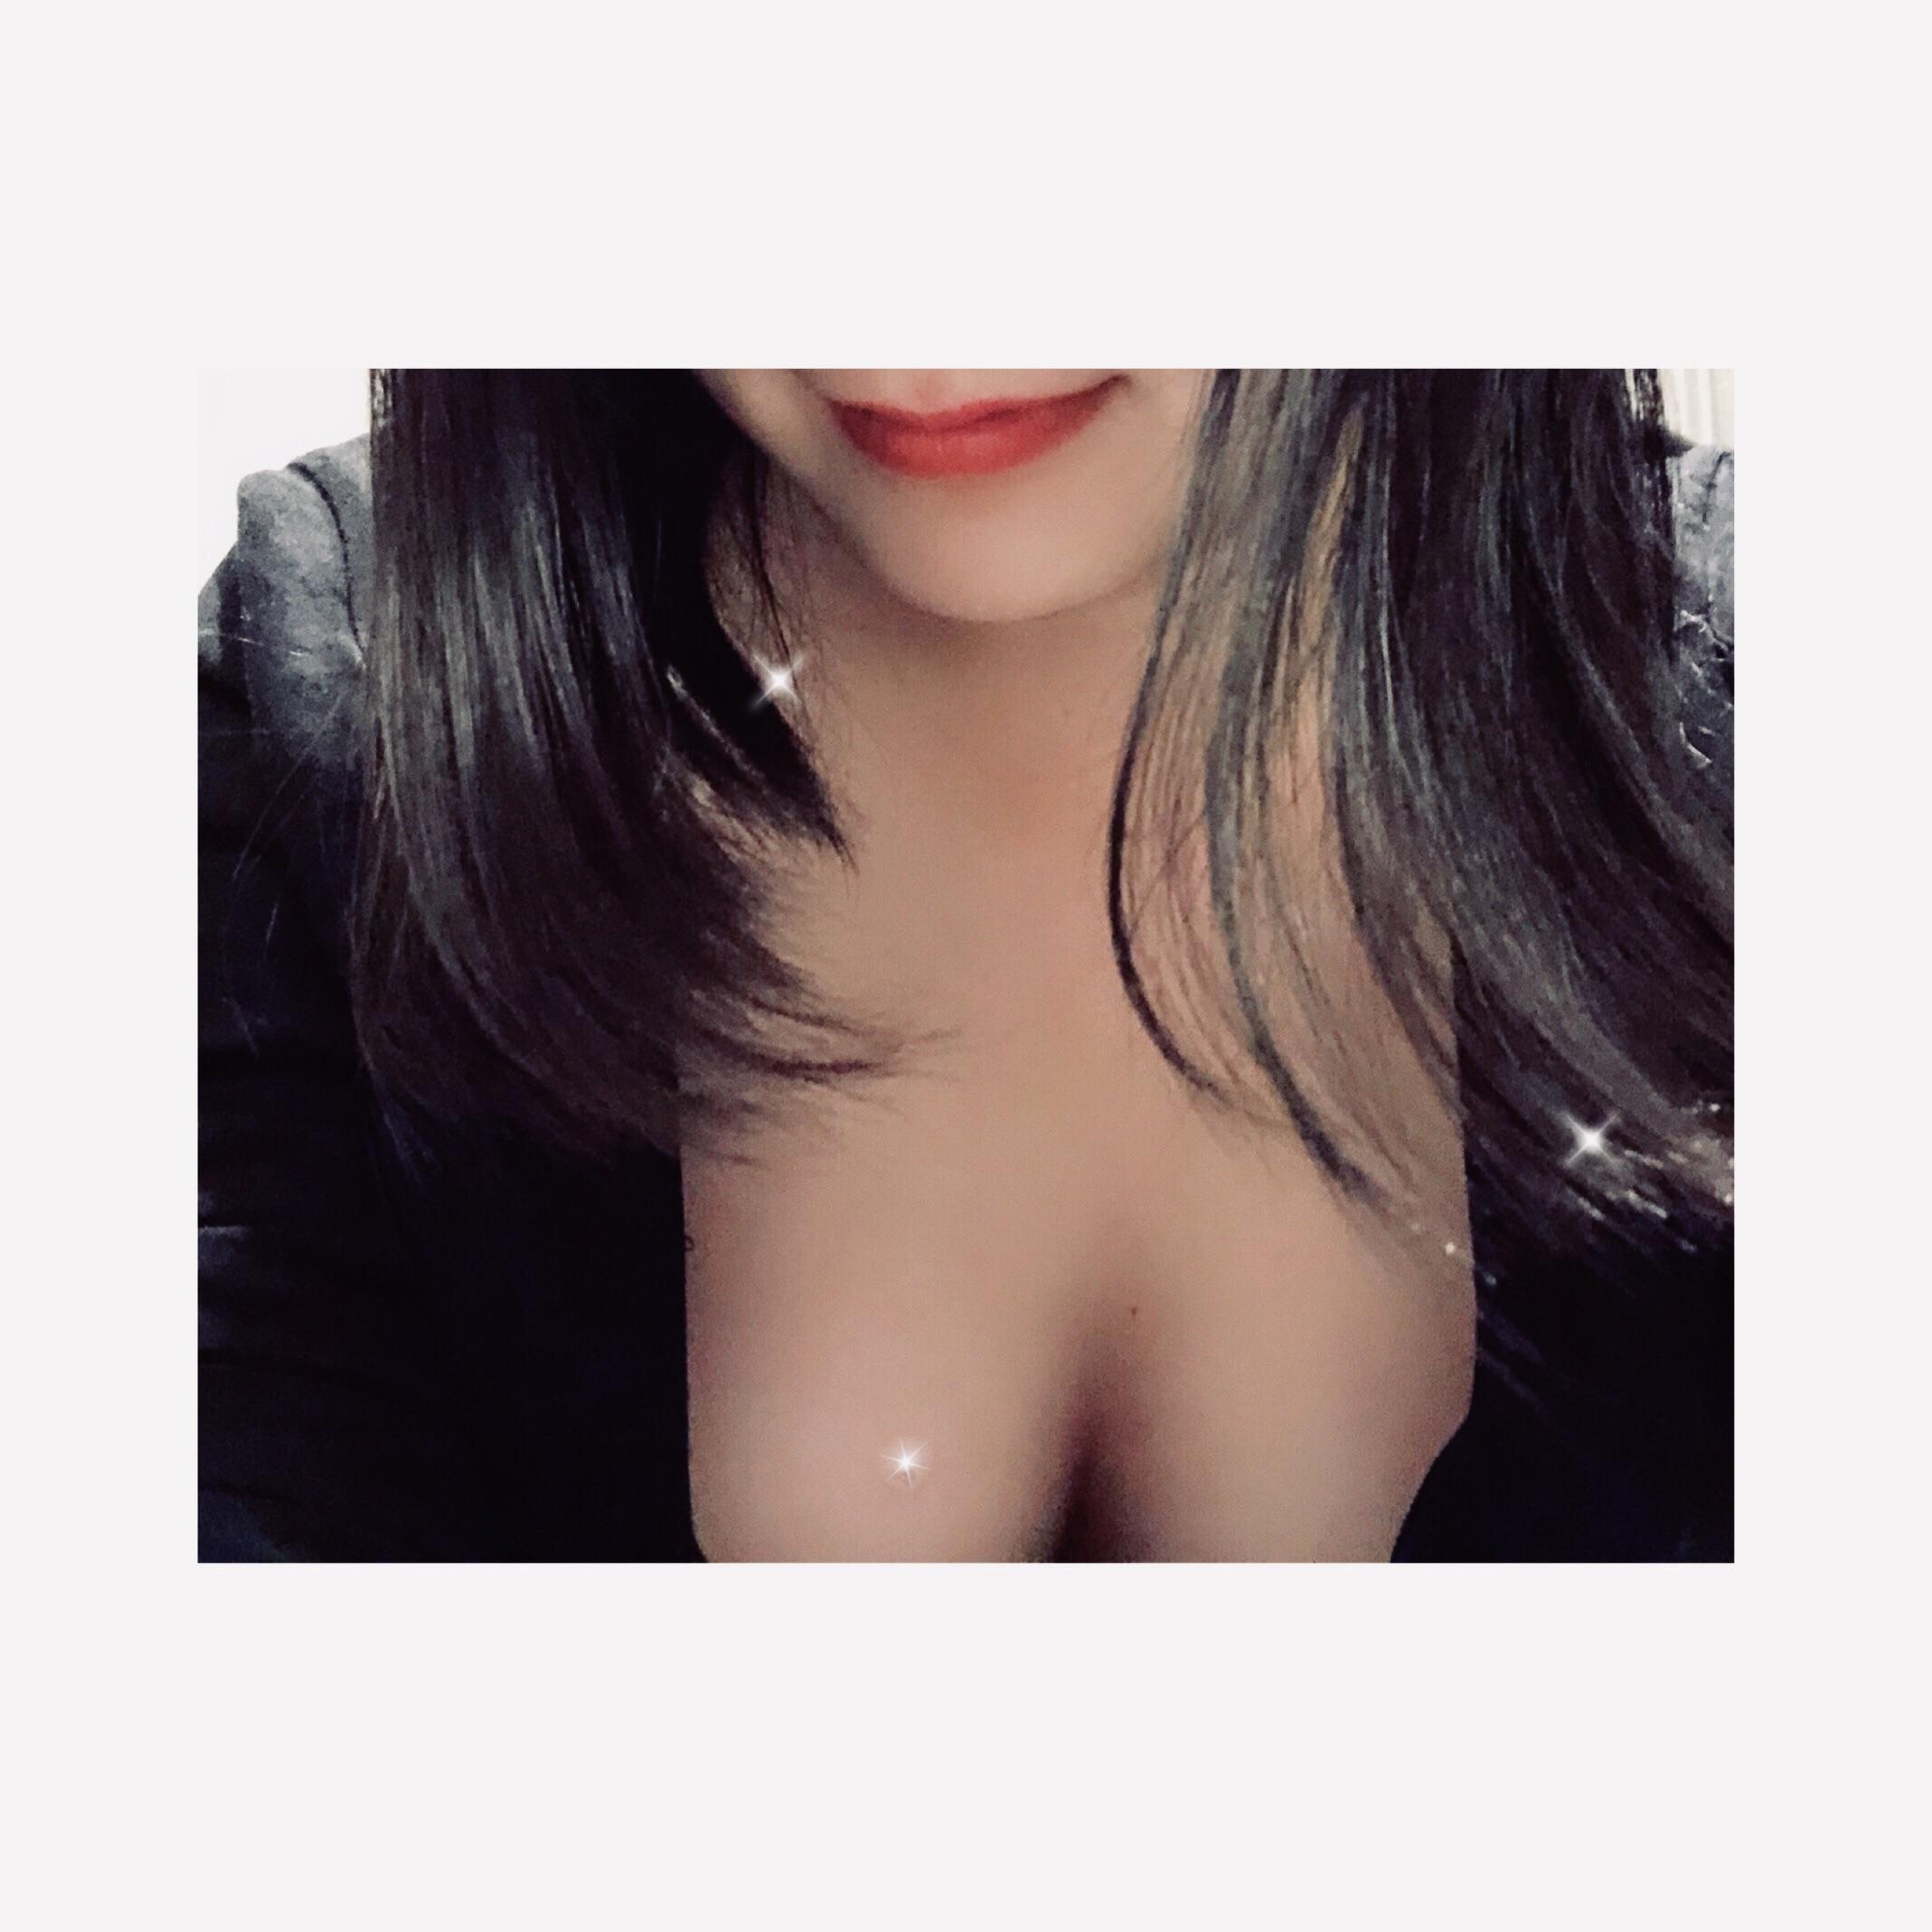 せんり「ありが10と今日もいます♩」02/16(土) 10:28 | せんりの写メ・風俗動画